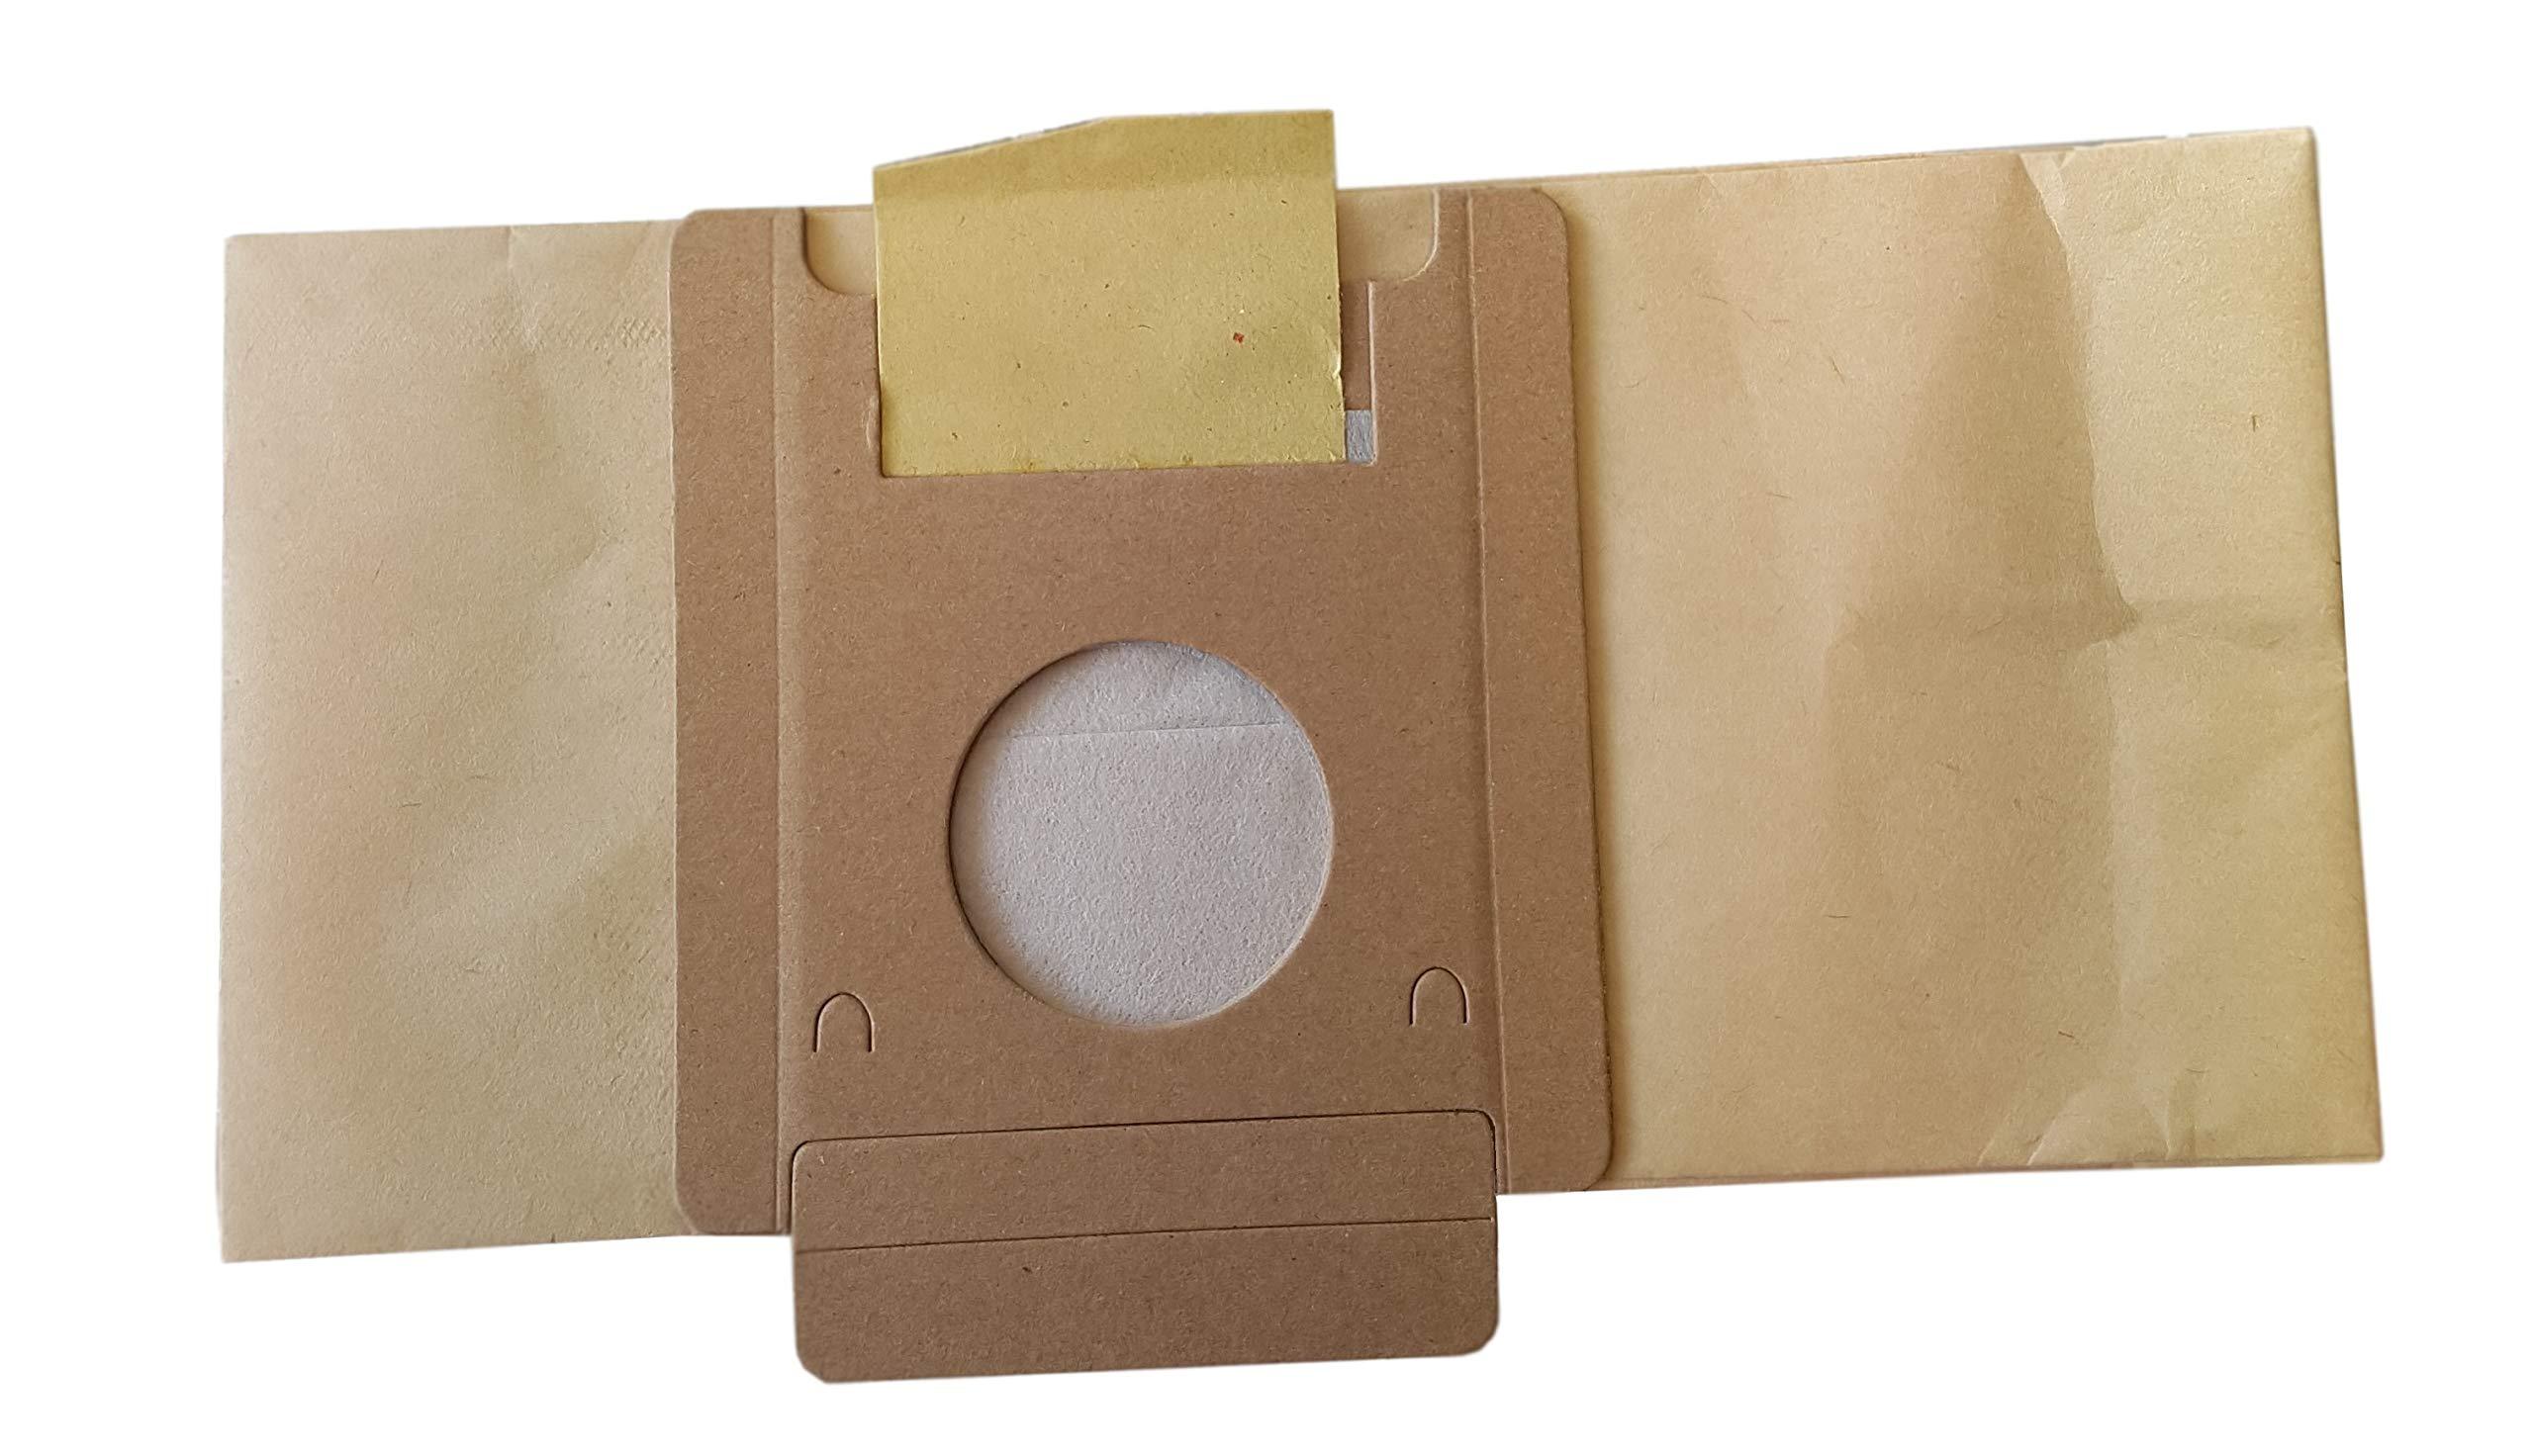 Bolsa para aspiradora Moulinex Powerpack, BQ1, BQ2, BQ3, Effimax, DJ1, DJ5, bolsa de 10 bolsas de papel: Amazon.es: Hogar